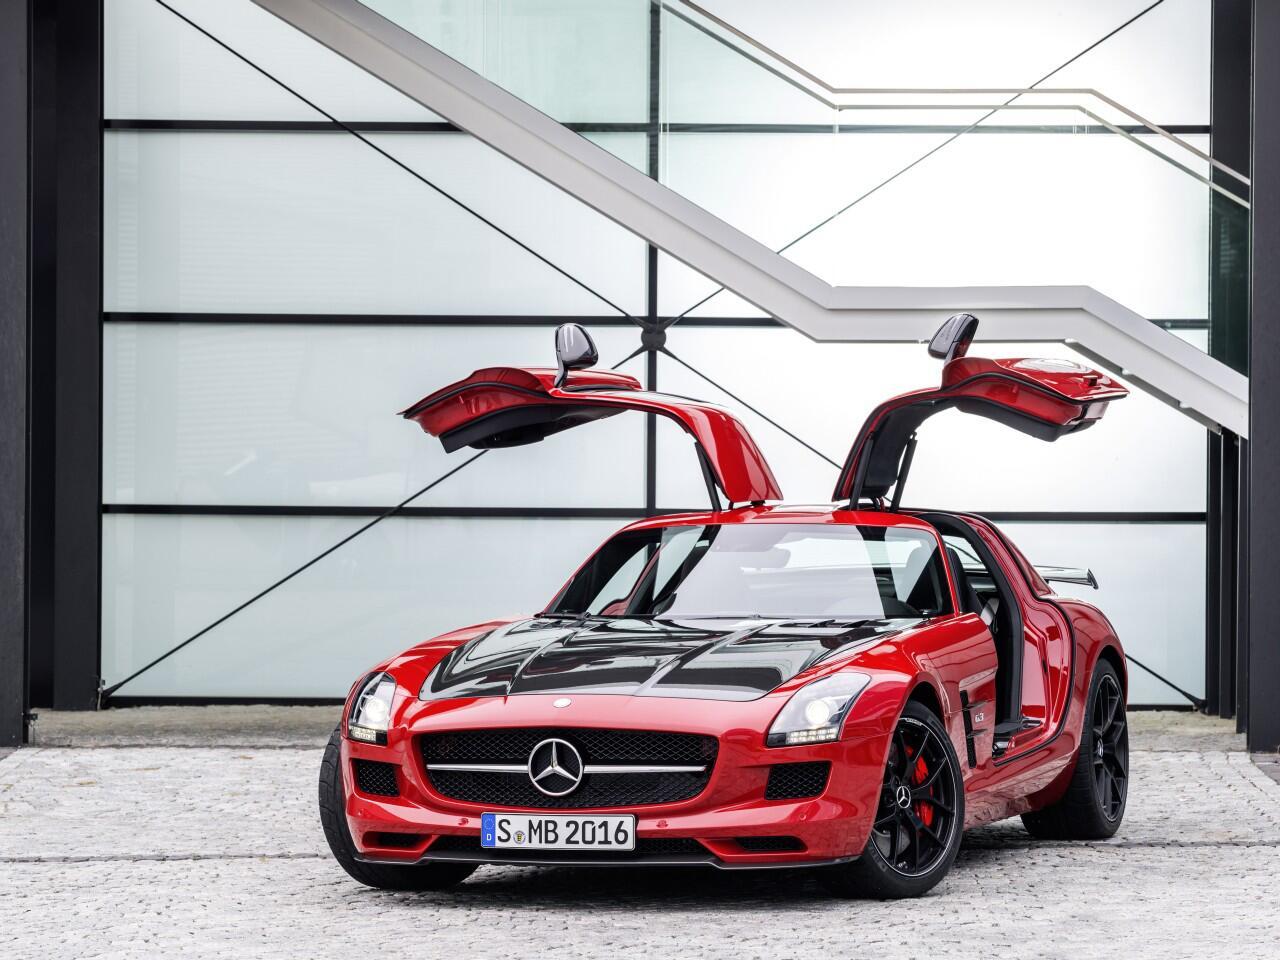 Bild zu Optische Parallelen zeigt die Mercedes SLS AMG GT Final Edition